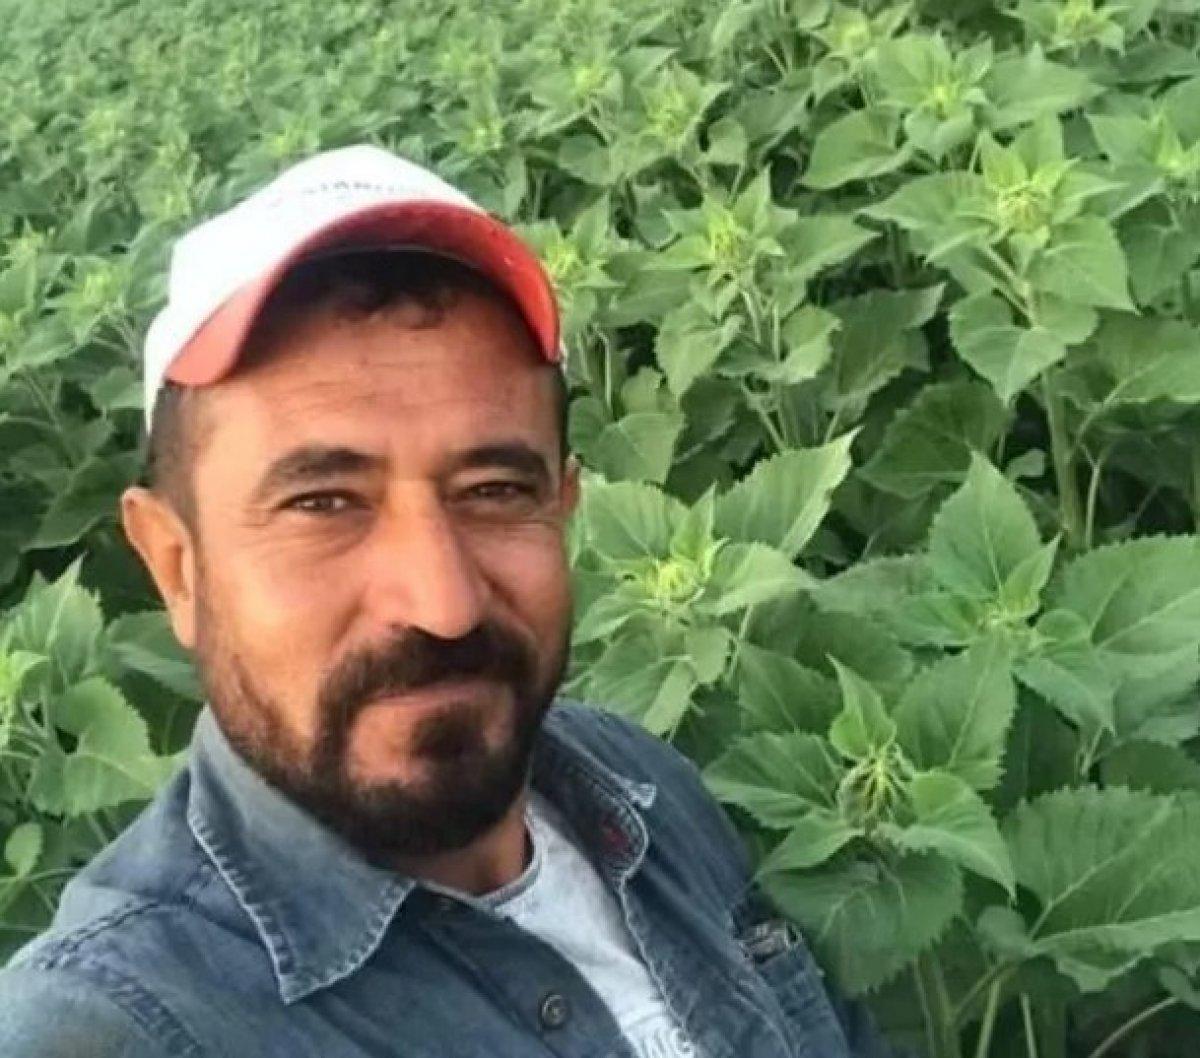 Konya daki  Büyükşen  cinayetinde tutuklu sanıklardan biri hayatını kaybetti #3